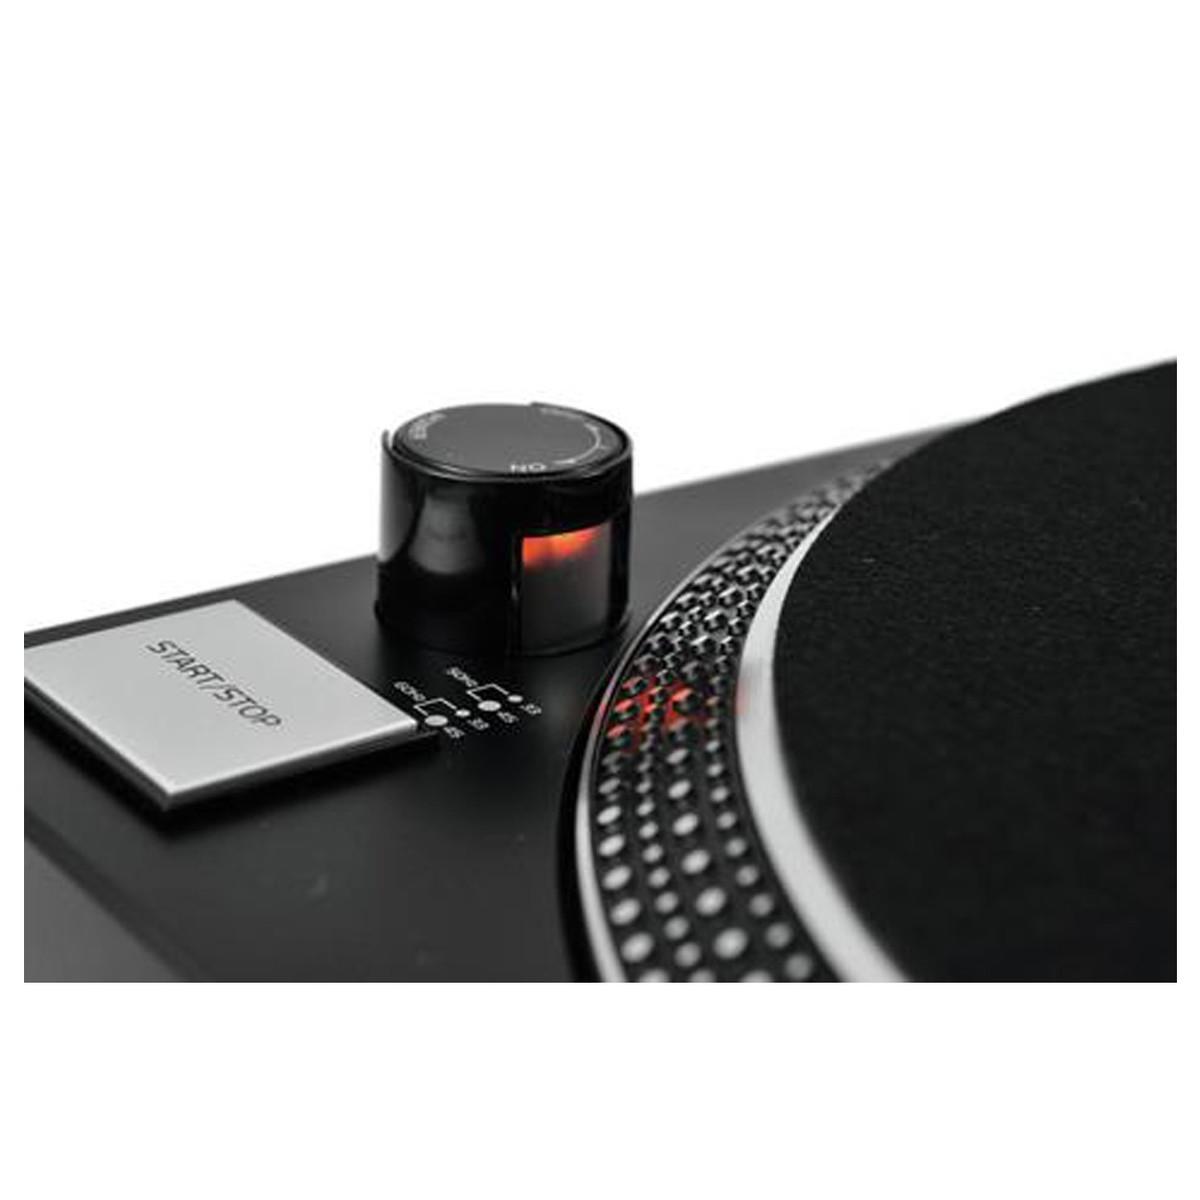 OMNITRONIC DD-2520 USB BLACK GIRADISCHI PER DJ TRAZIONE DIRETTA NERO 7